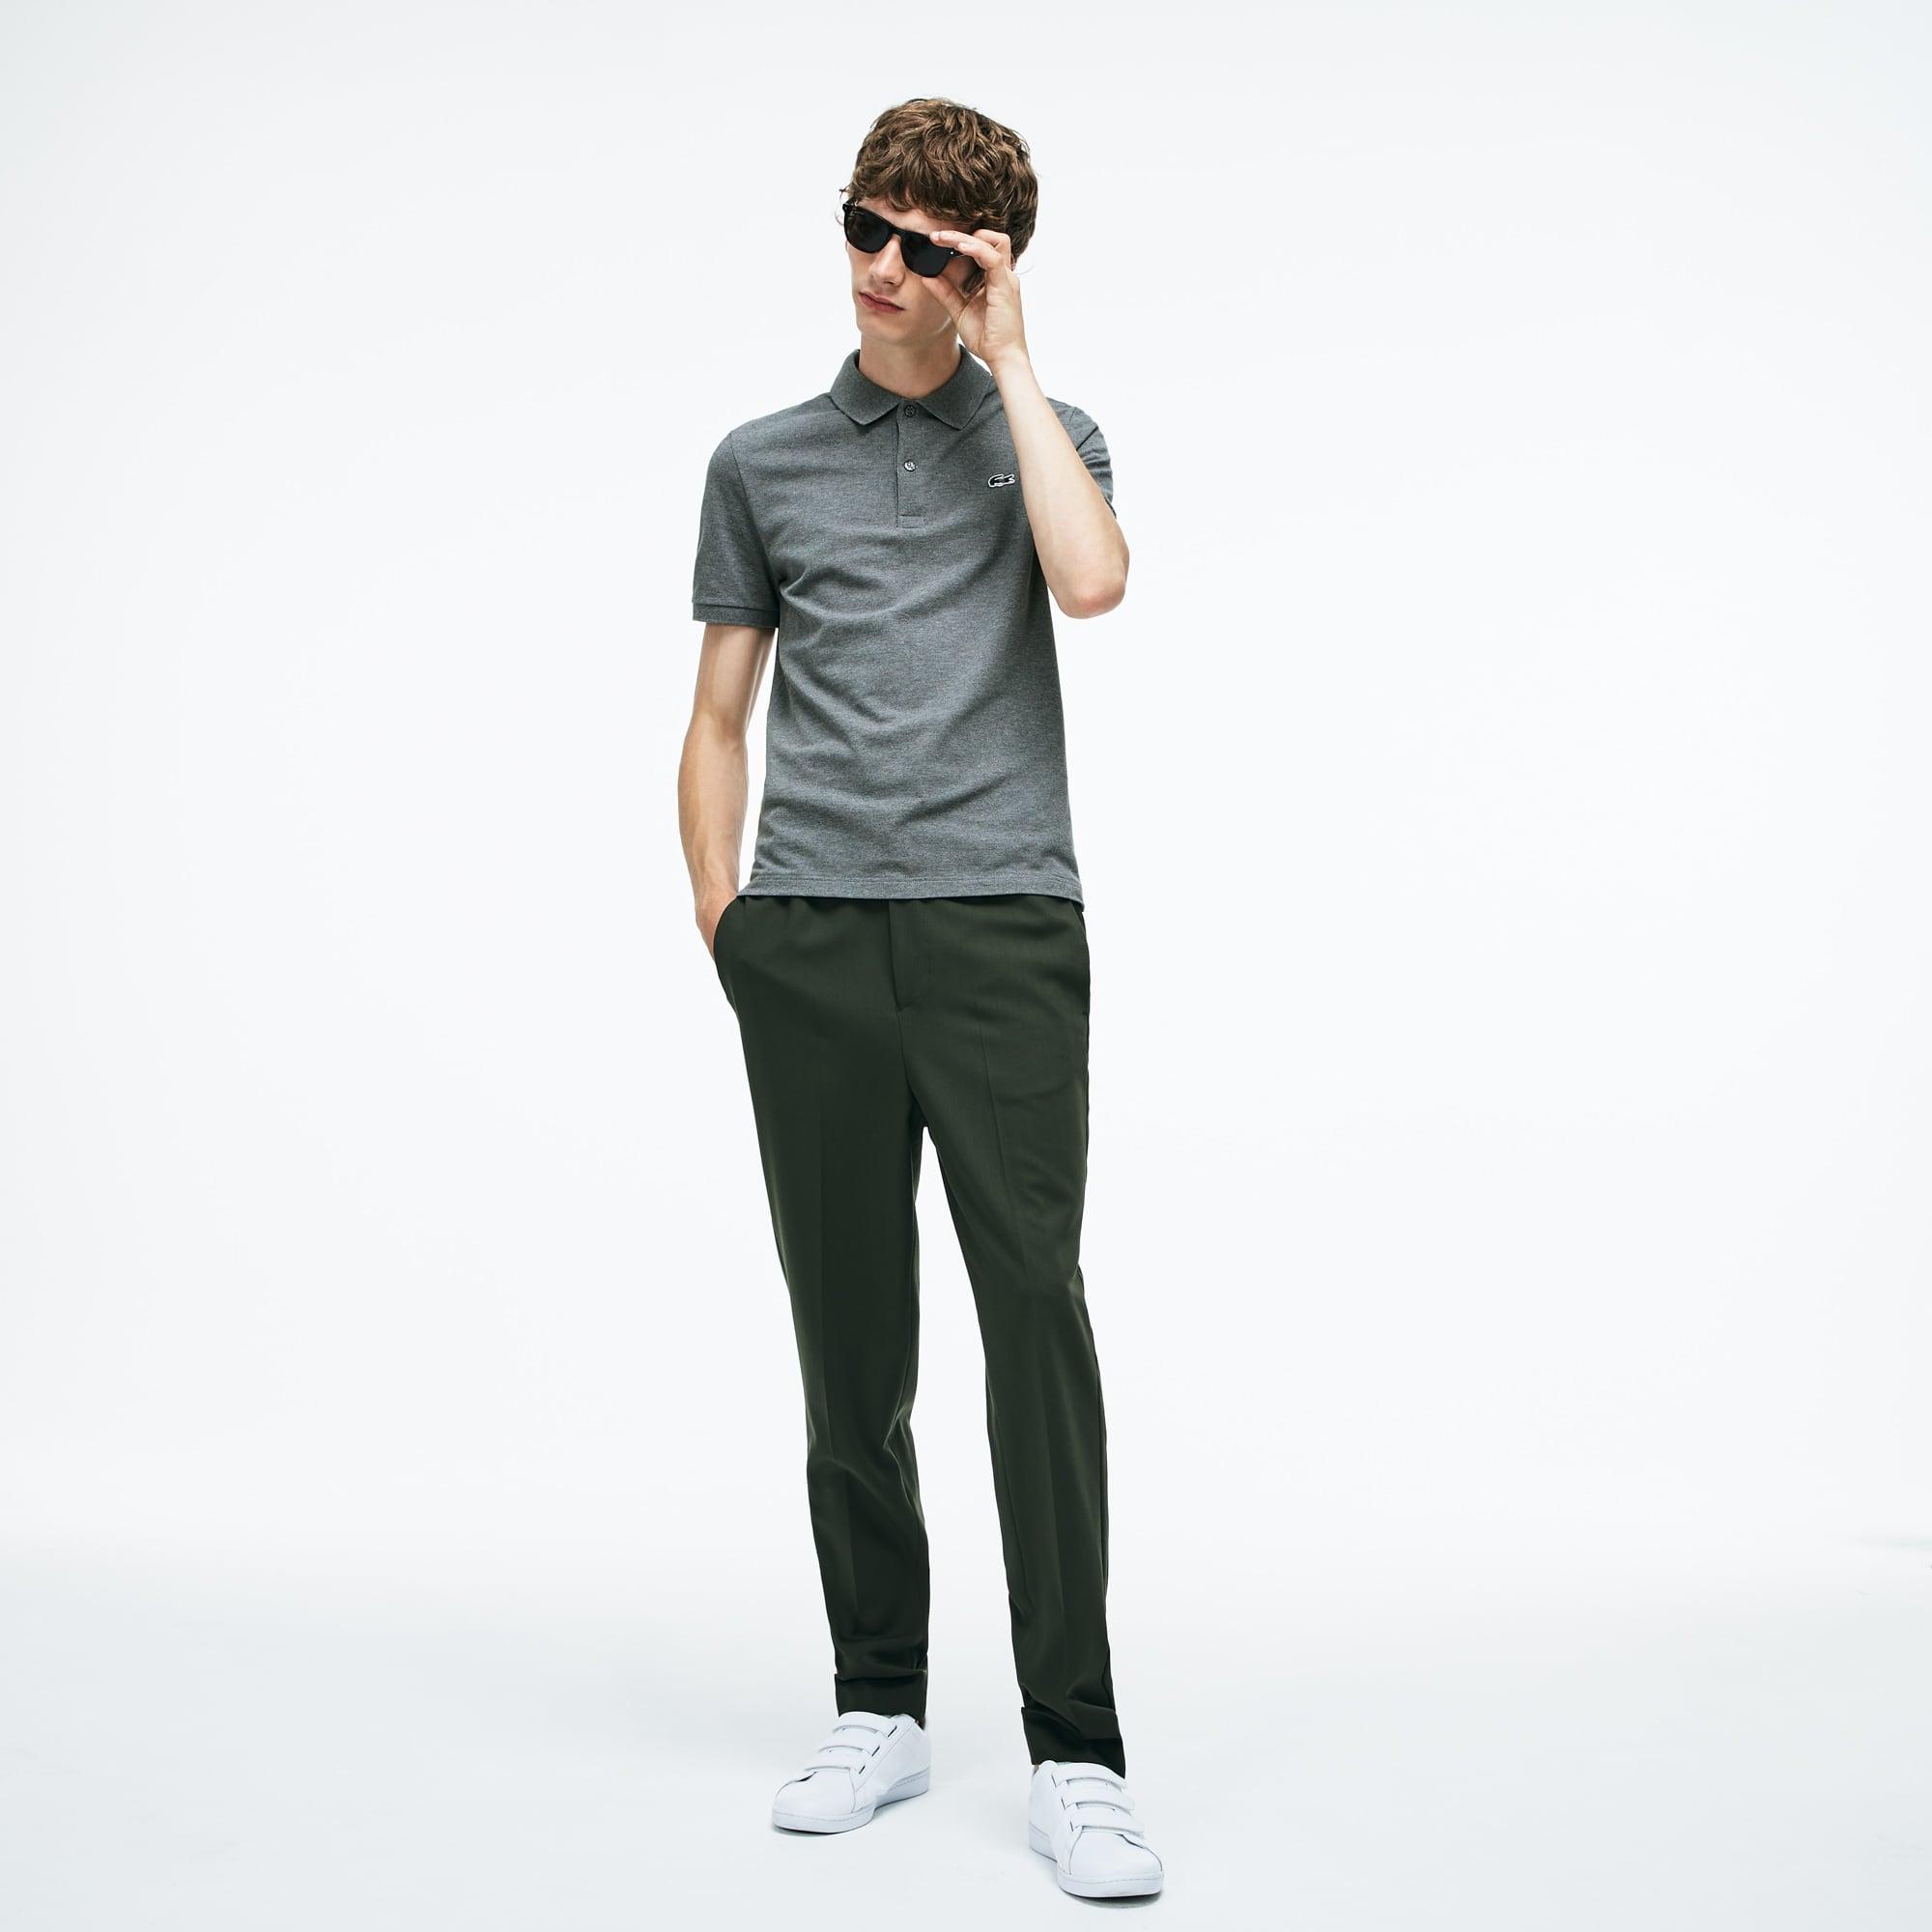 Herren LACOSTE Herren-Poloshirt aus Mini-Piqué mit Stretch